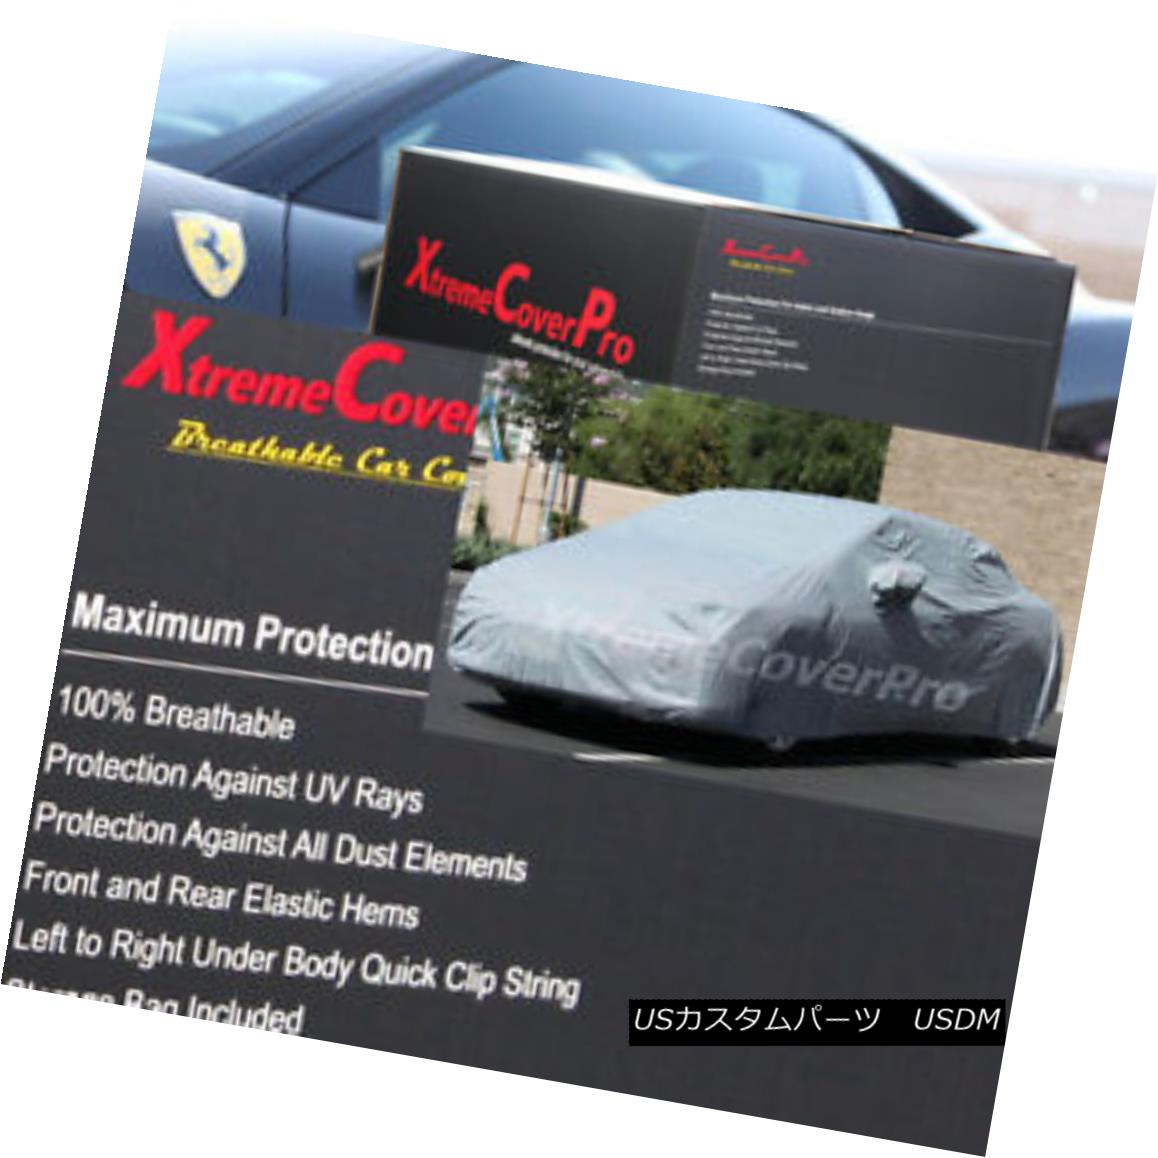 カーカバー 1995 1996 1997 1998 1999 2000 Chevy Lumina Breathable Car Cover w/MirrorPocket 1995年1996年1997年1998年1999年2000年シェビー・ルミナ通気性車カバー付き/ MirrorPocket